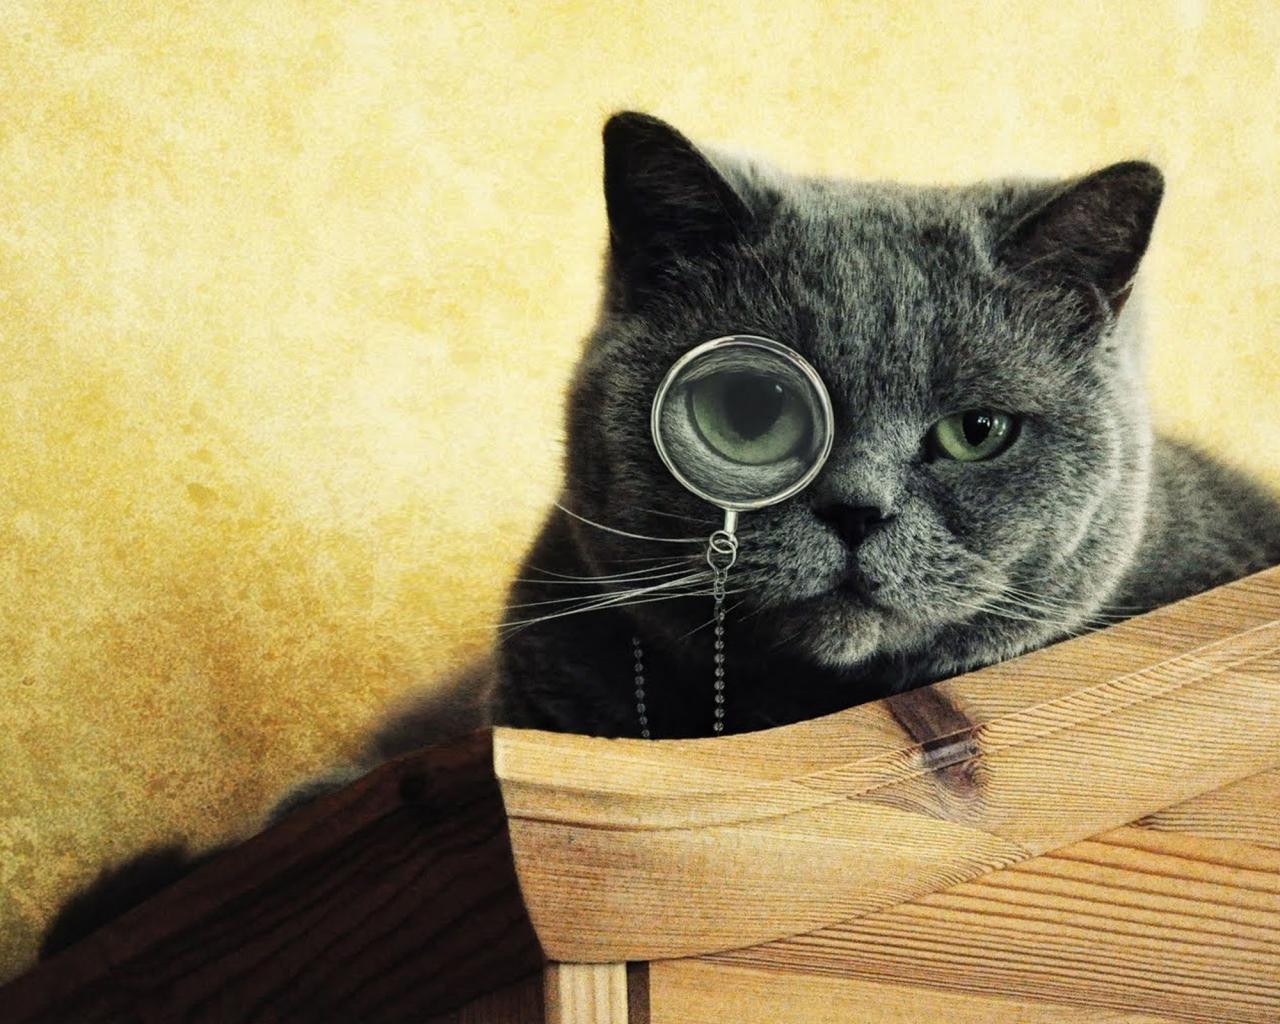 Imágenes graciosas de gatos - 1280x1024